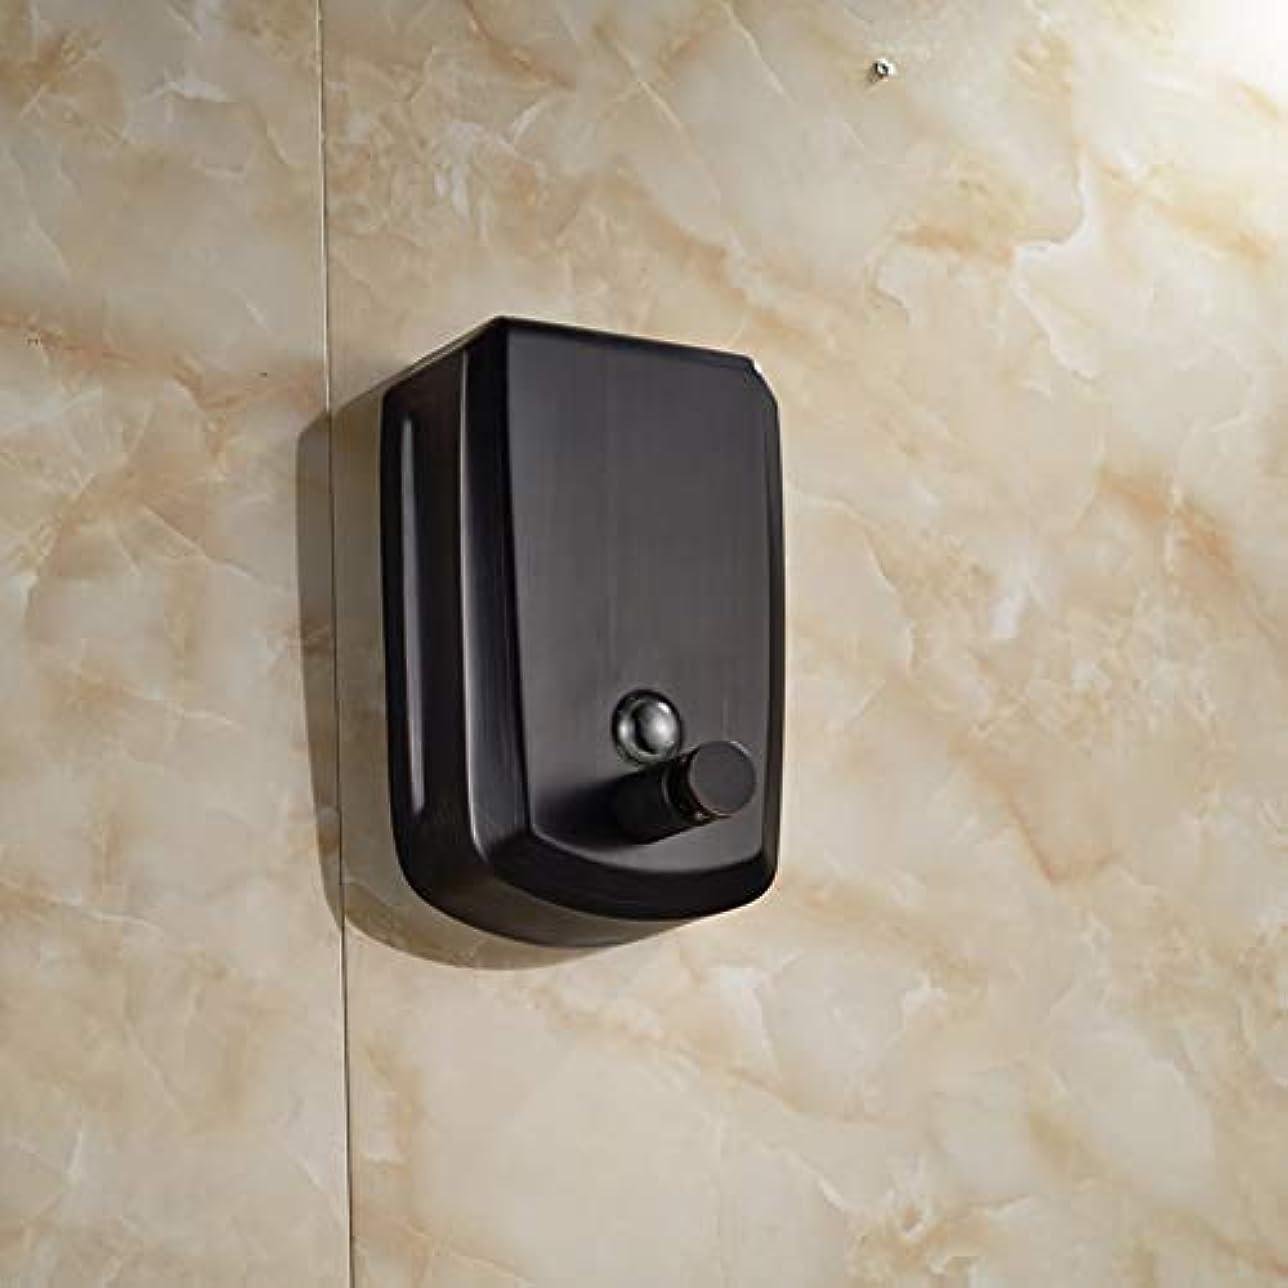 装置加害者彼LUDSUY Oil Rubbed Bronze 800ml Bathroom Soap Dispenser Liquid Soap Pump Lotion DispenserBathroom accessories